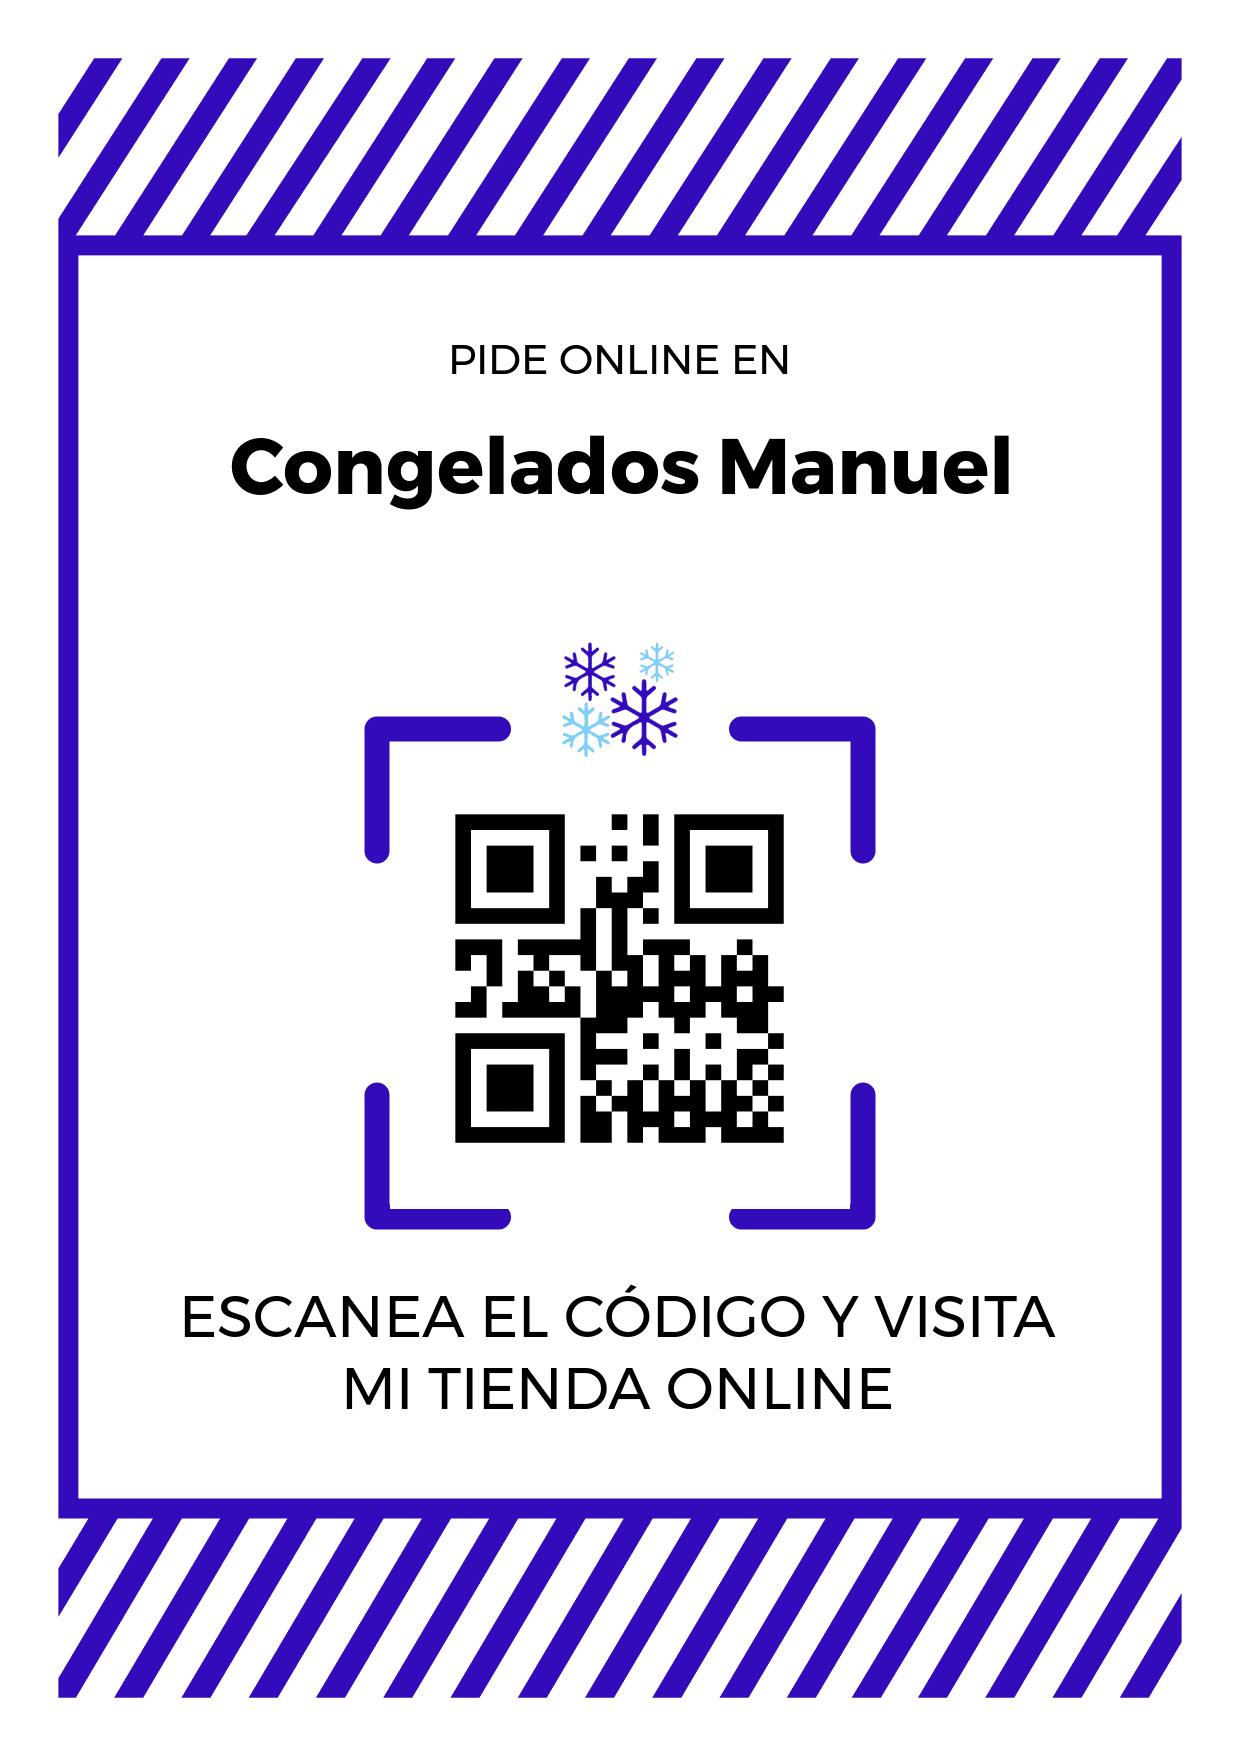 Cartel Póster de Código QR para tienda de Congelados